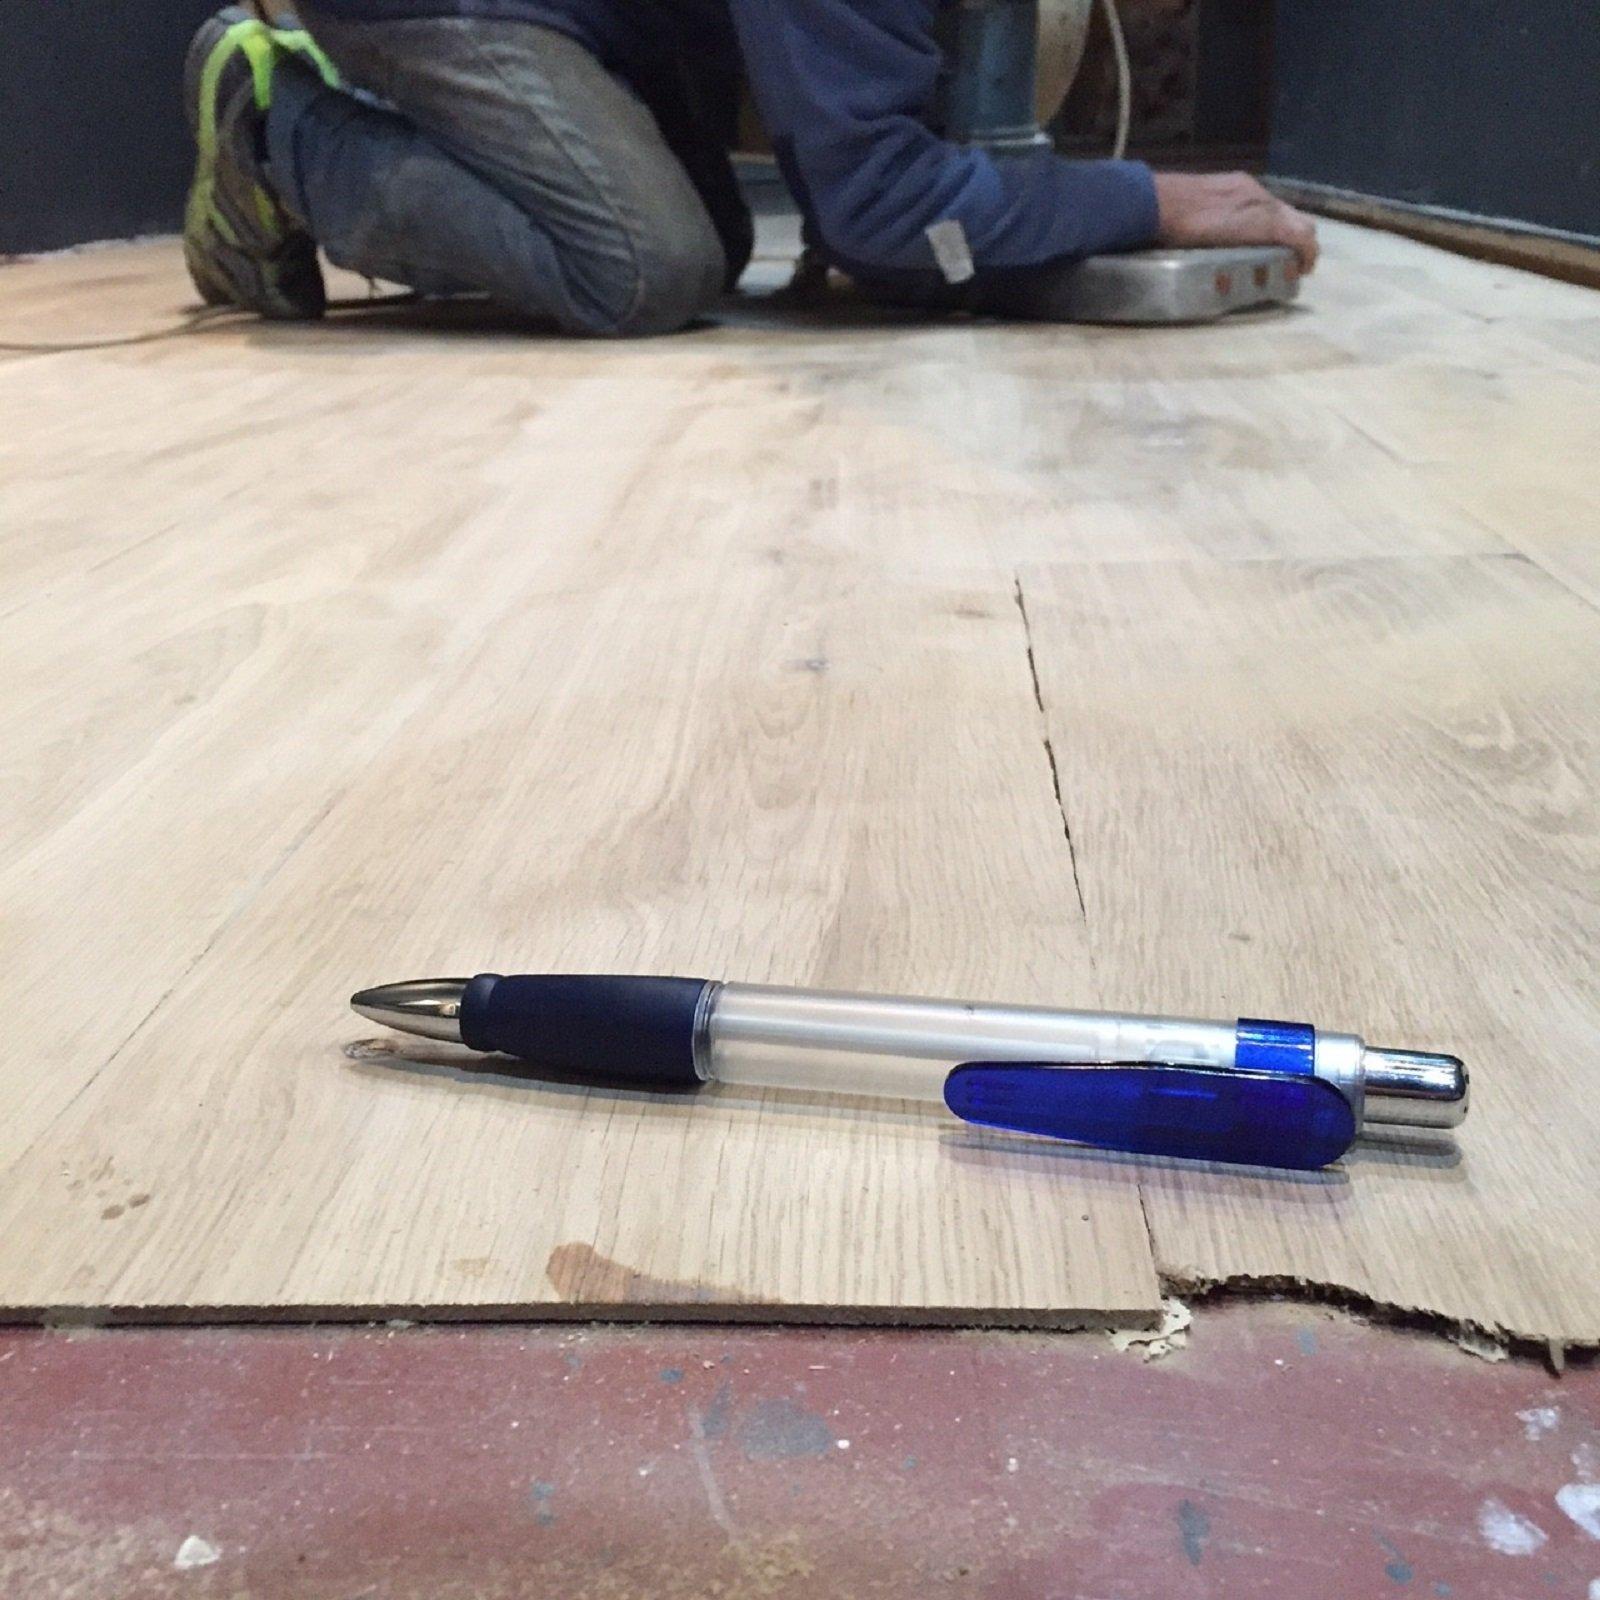 Rivestire il pavimento con lamelle ultrasottili di legno - Incollare piastrelle su legno ...